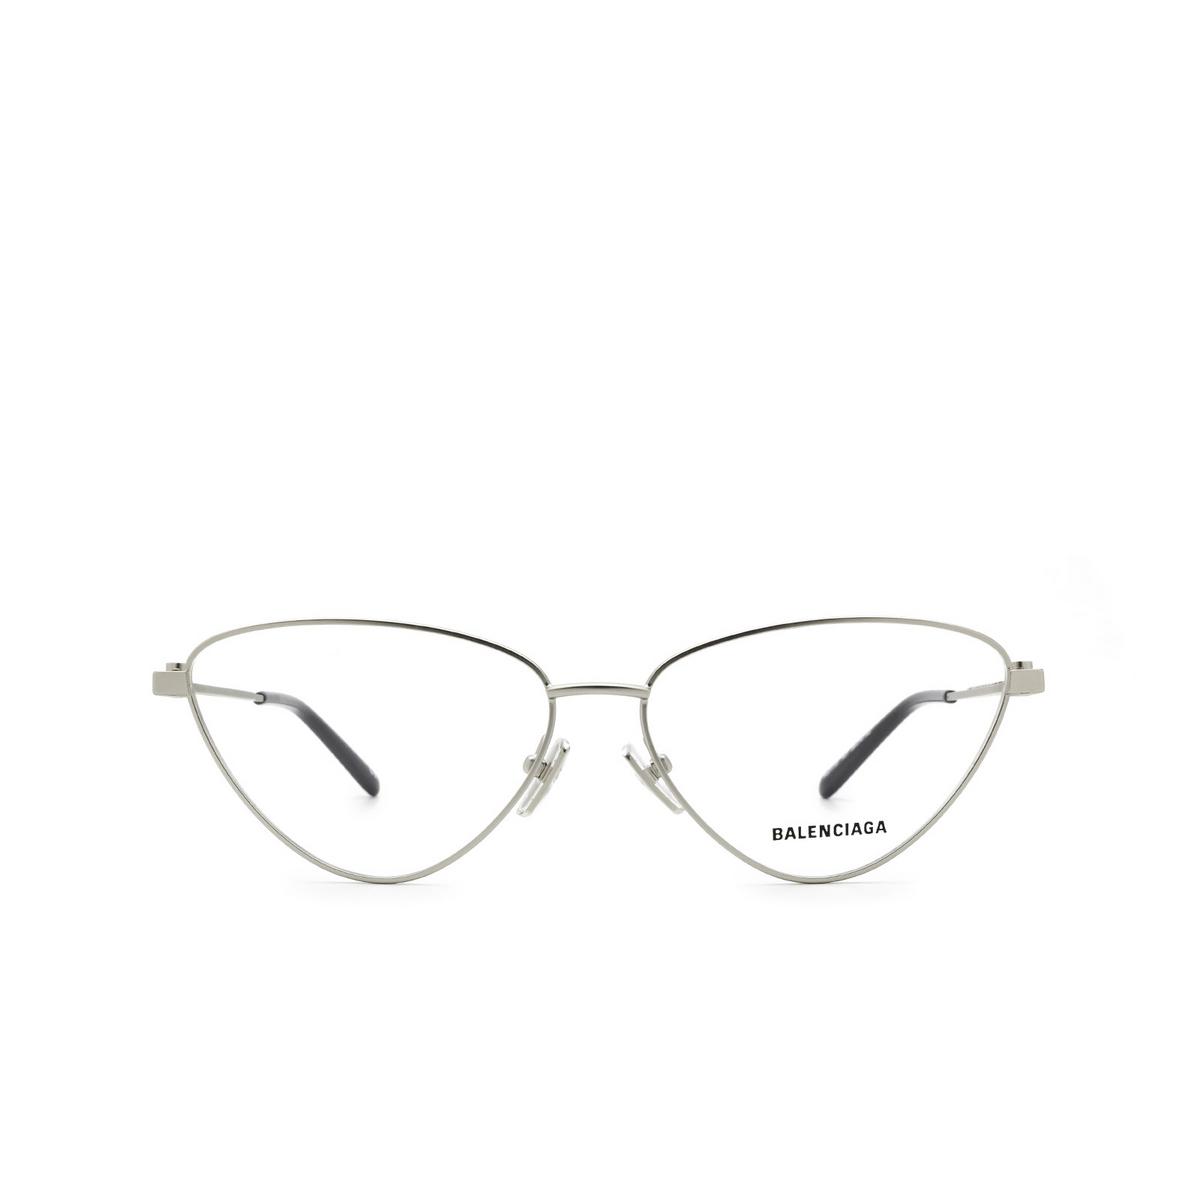 Balenciaga® Cat-eye Eyeglasses: BB0171O color Silver 001 - front view.